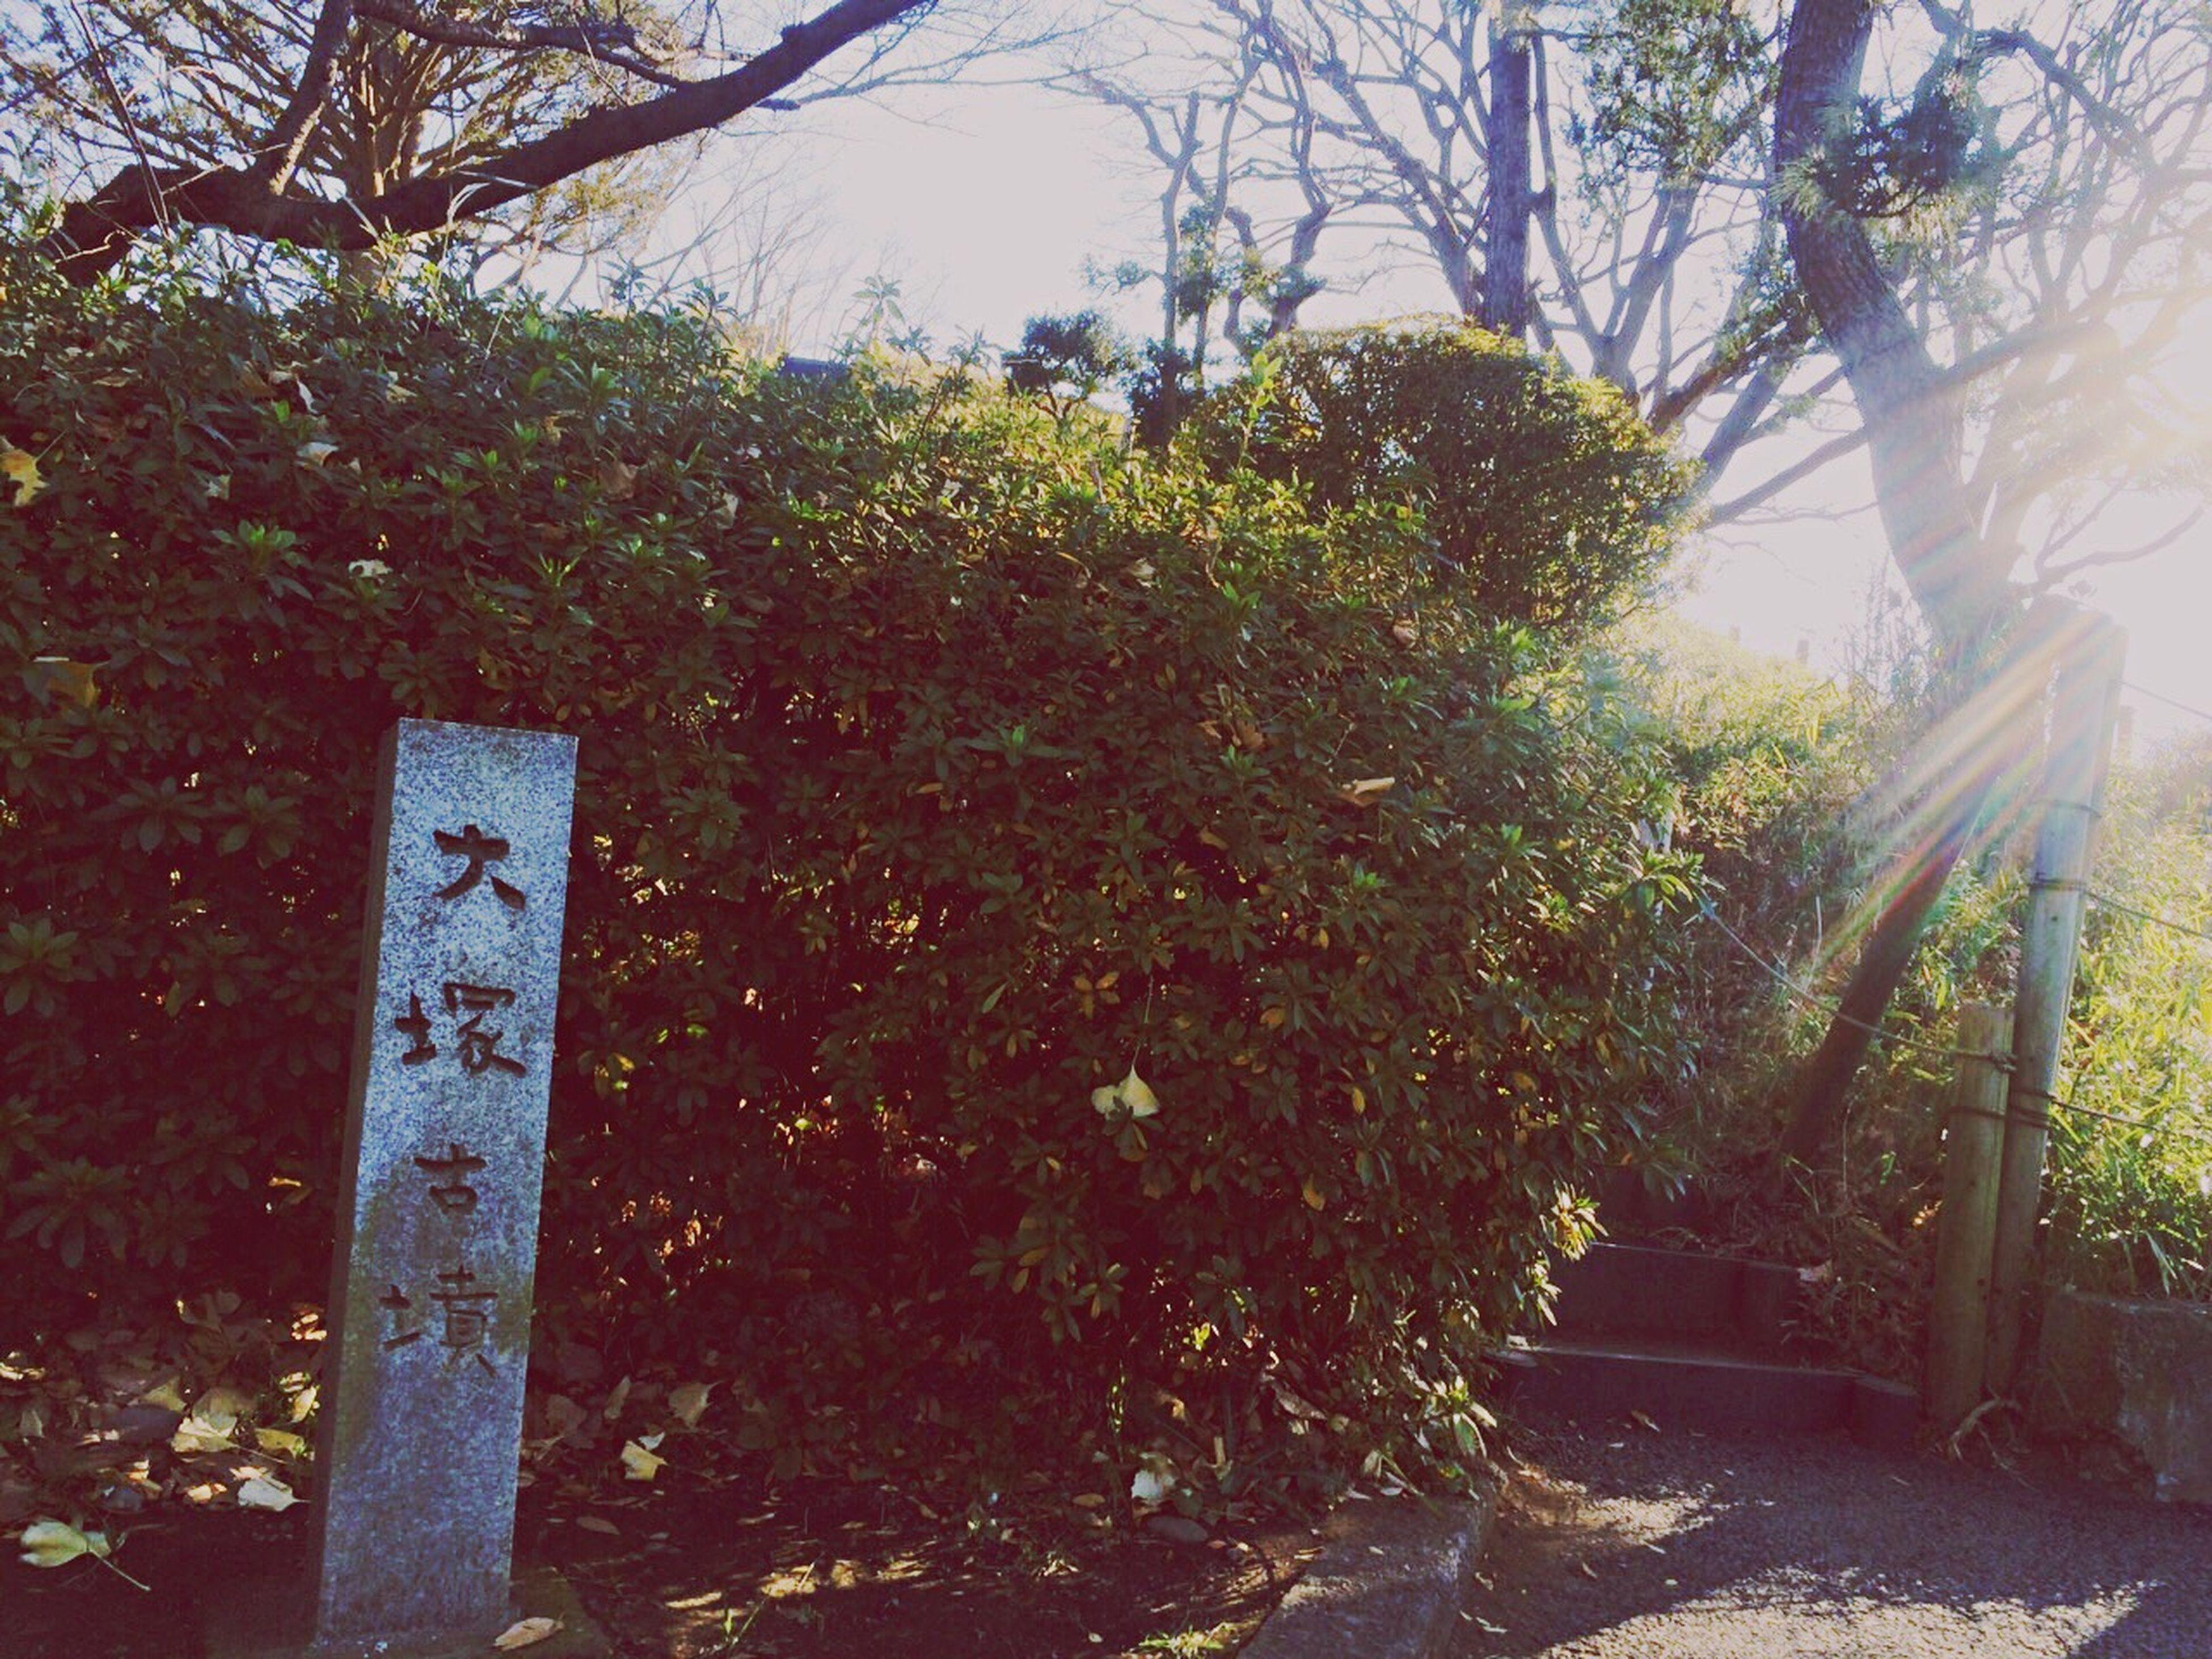 Otsuka Kofun Large Keyhole-shaped Tomb Mound Japan